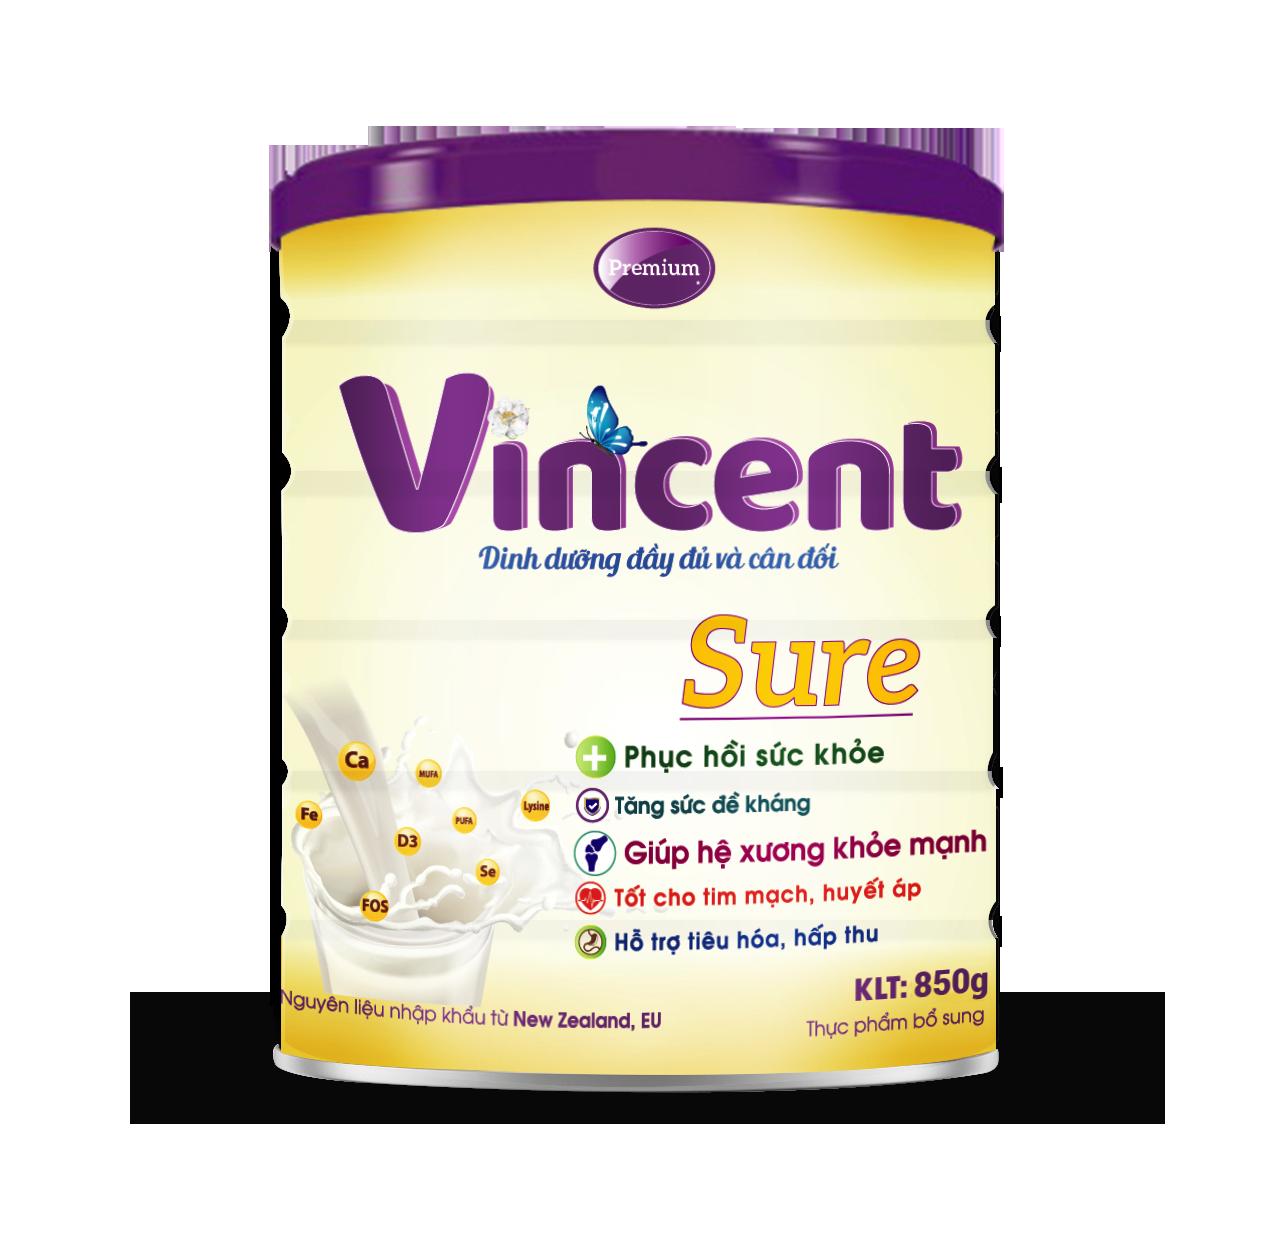 Sữa Vincent  Sure